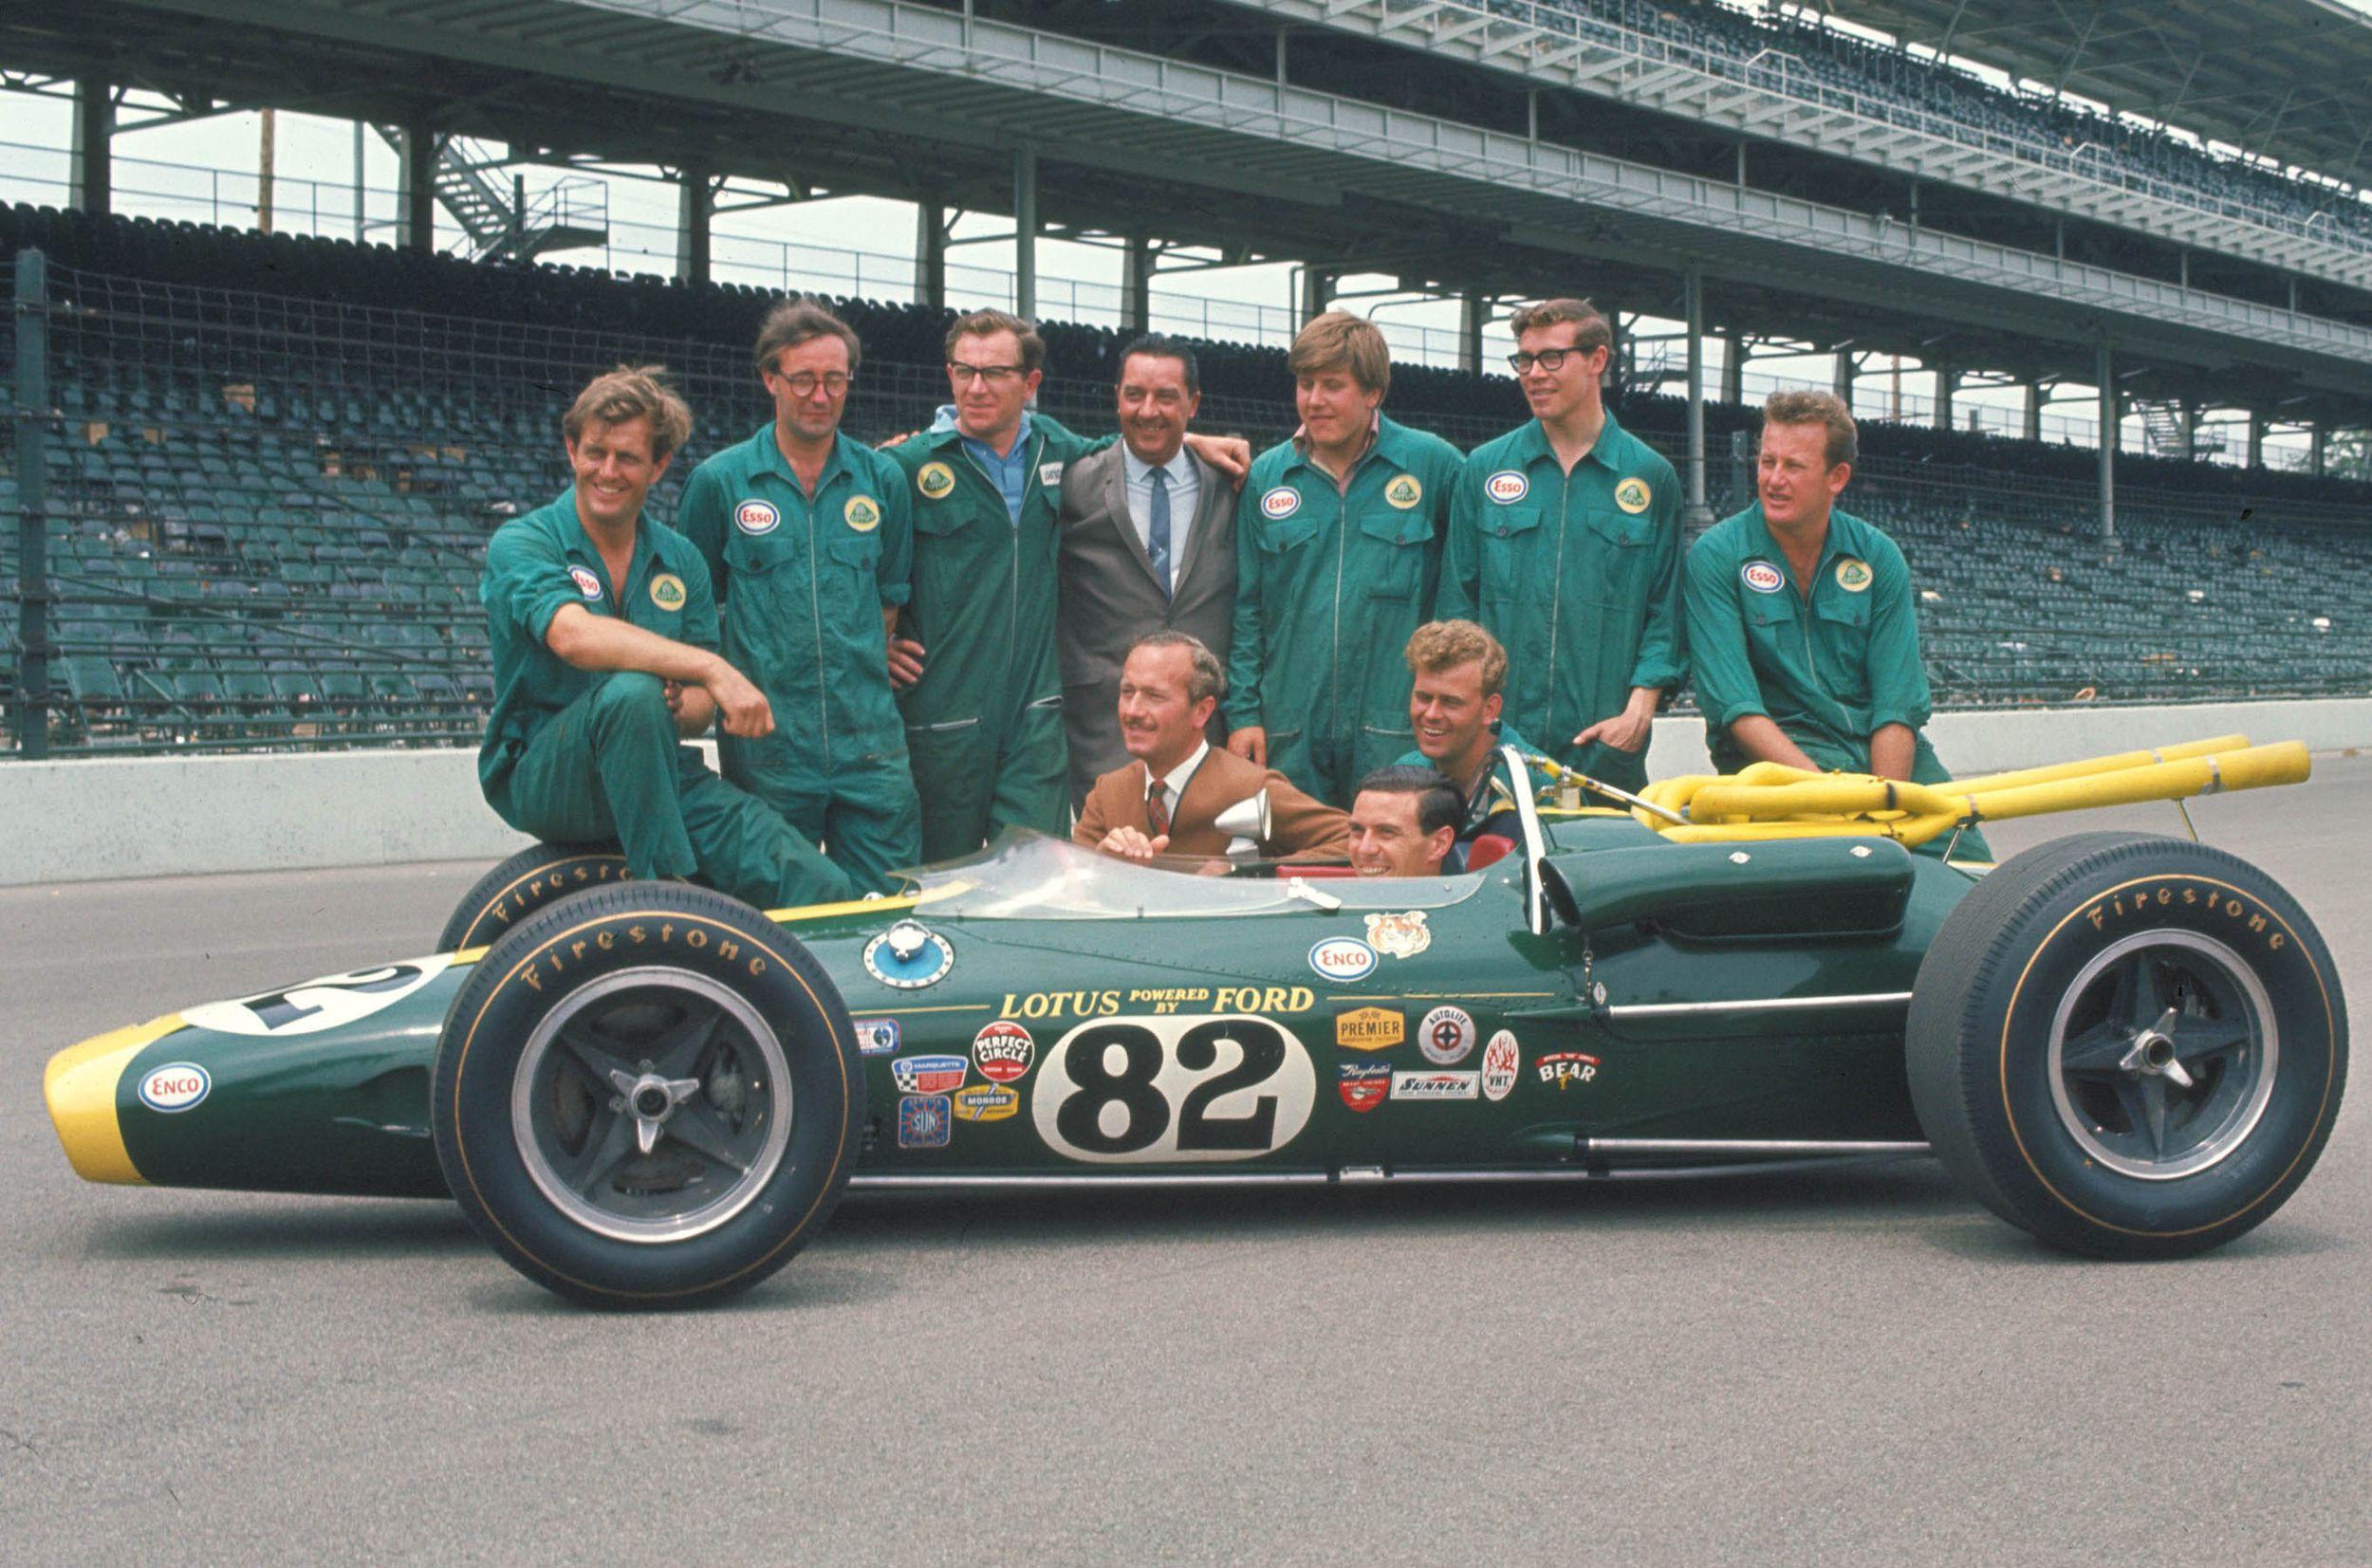 Jim Clark var den raskeste mannen på den fryktede Indianapolis-banen fra 1963 til 1967, og forandret racinghistorien med sin seier der i 1965.